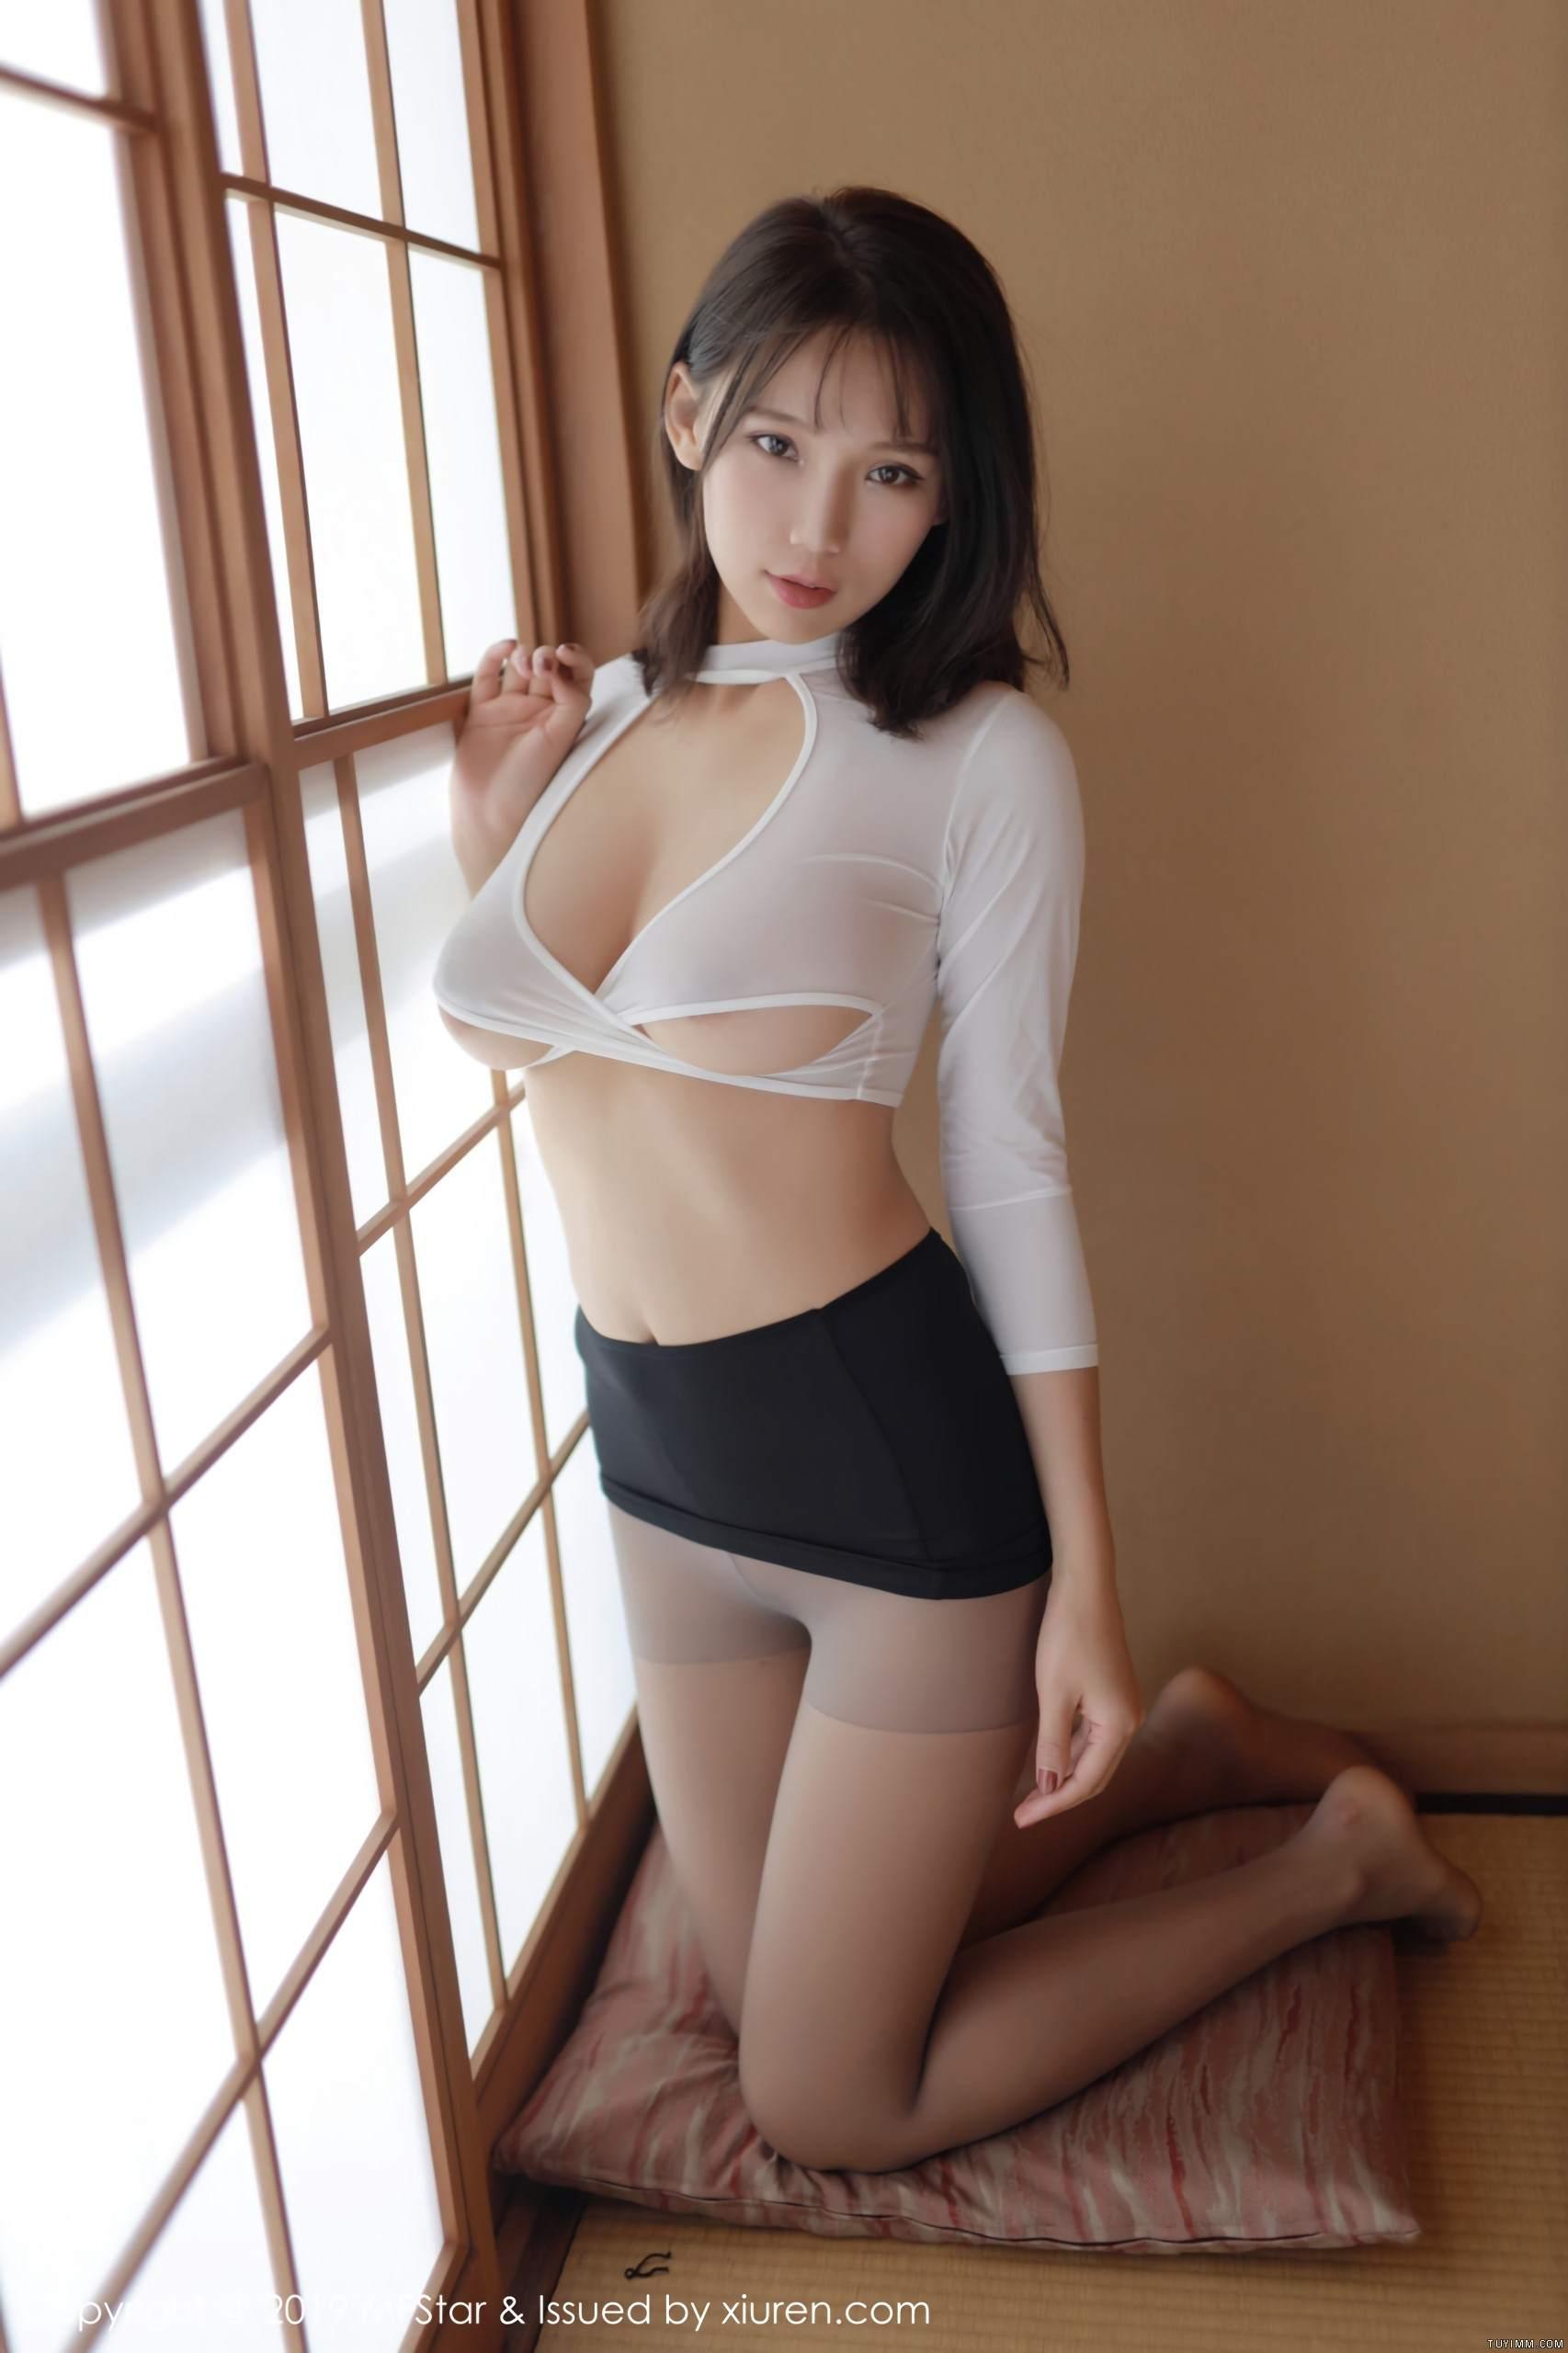 [福利]风骚模特黑丝美腿床上无遮挡人体艺术写真-第4张图片-哔哔娱乐网